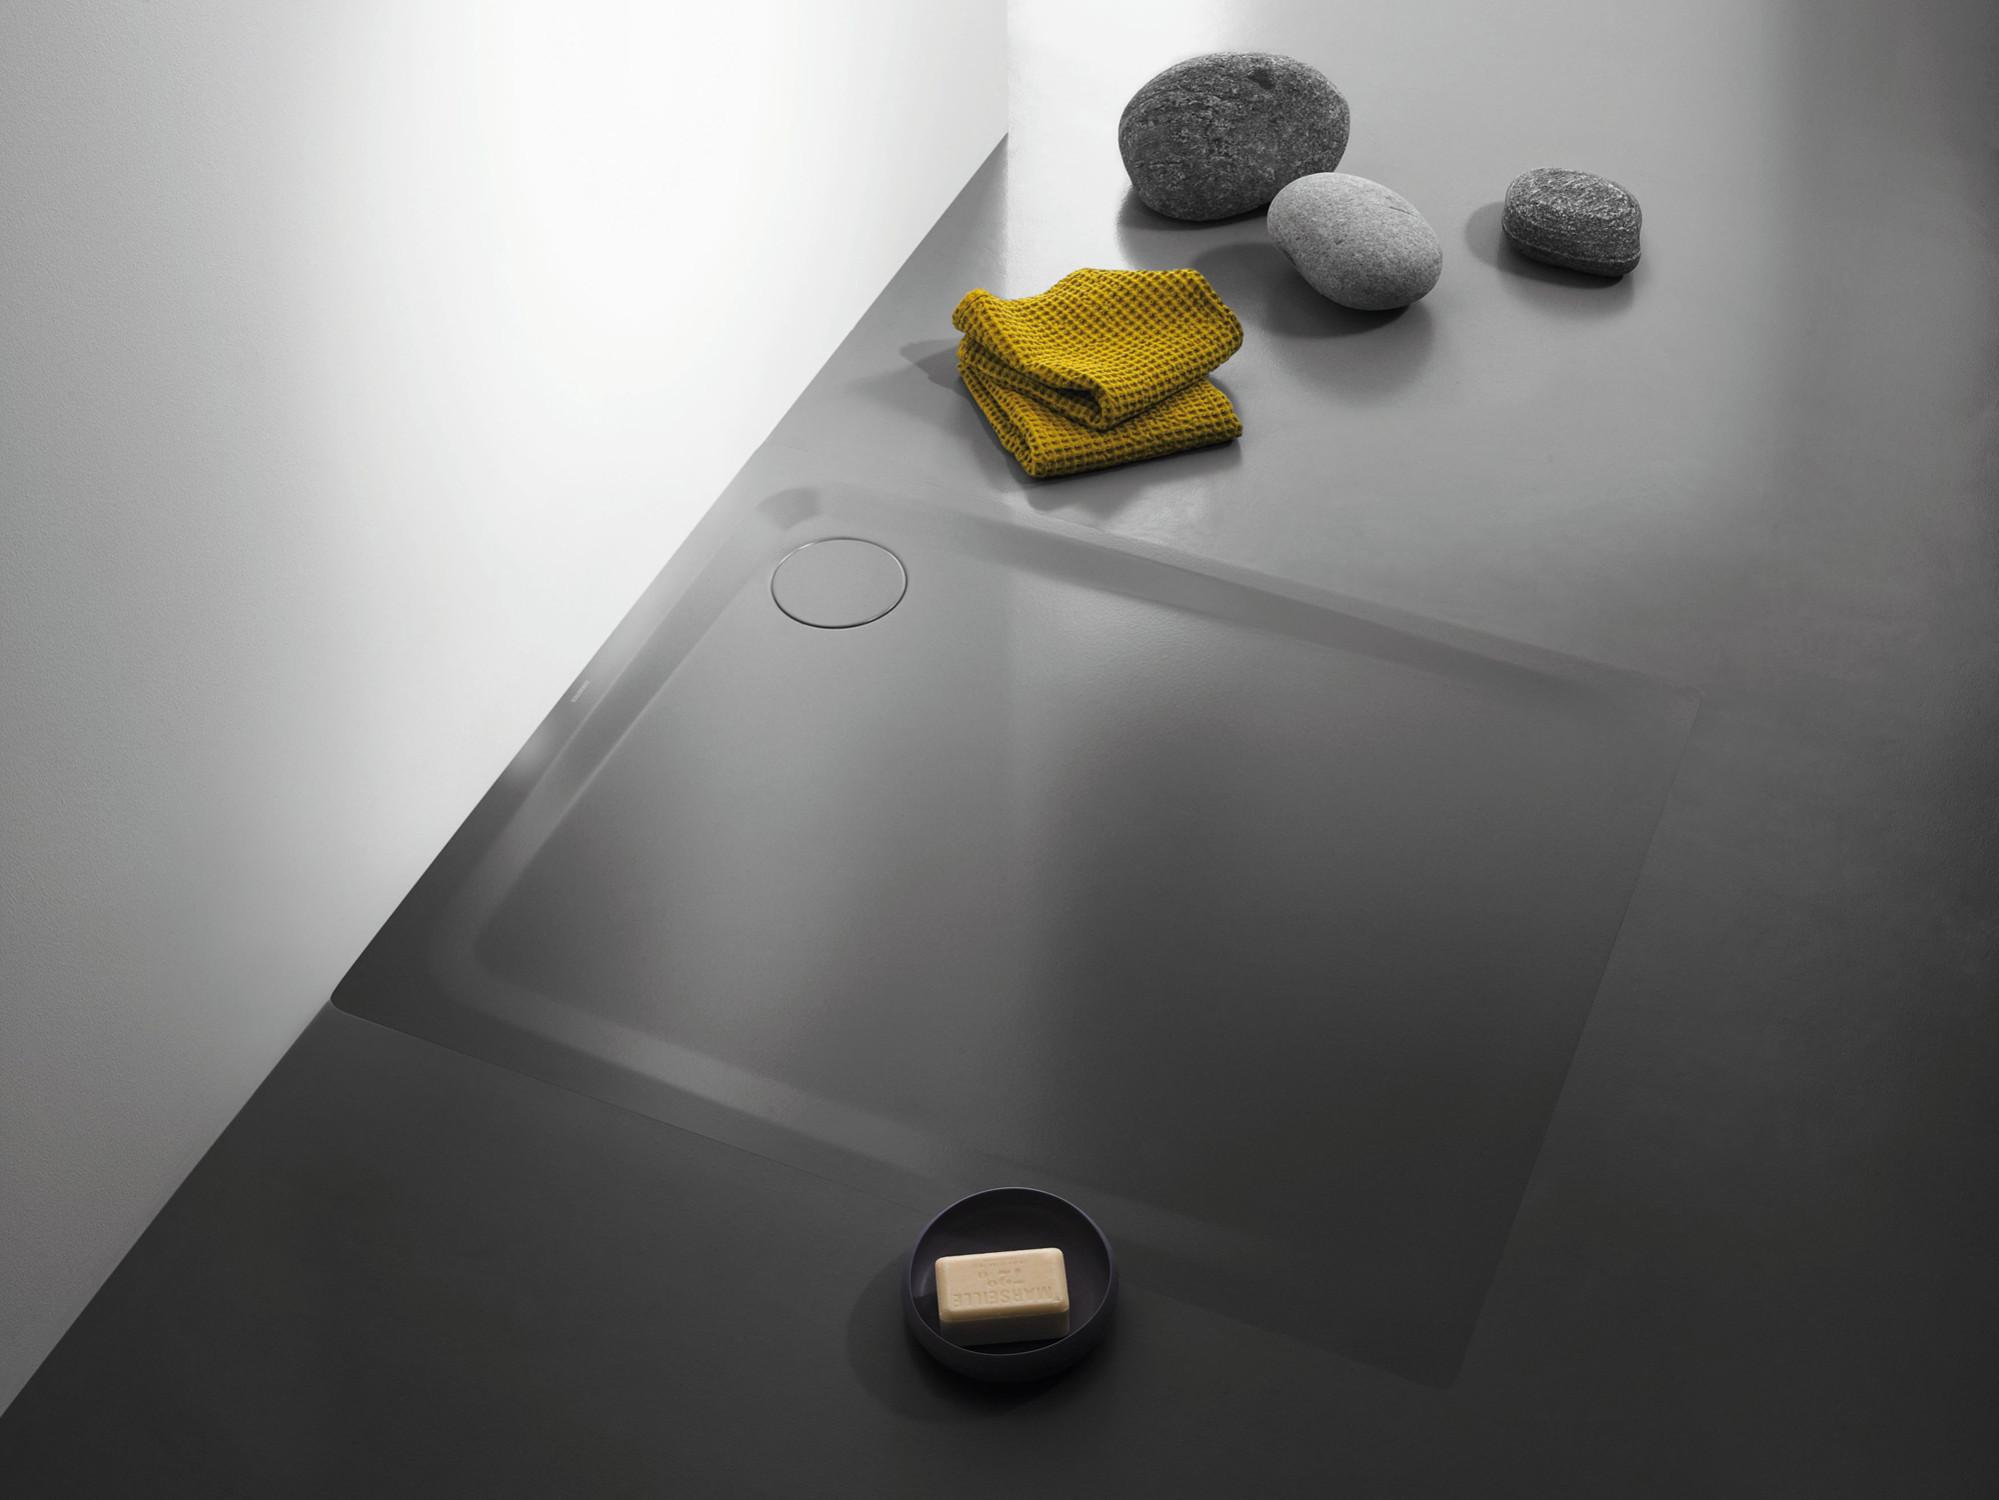 bodengleiche duschen bad und sanit r duschen baunetz wissen. Black Bedroom Furniture Sets. Home Design Ideas